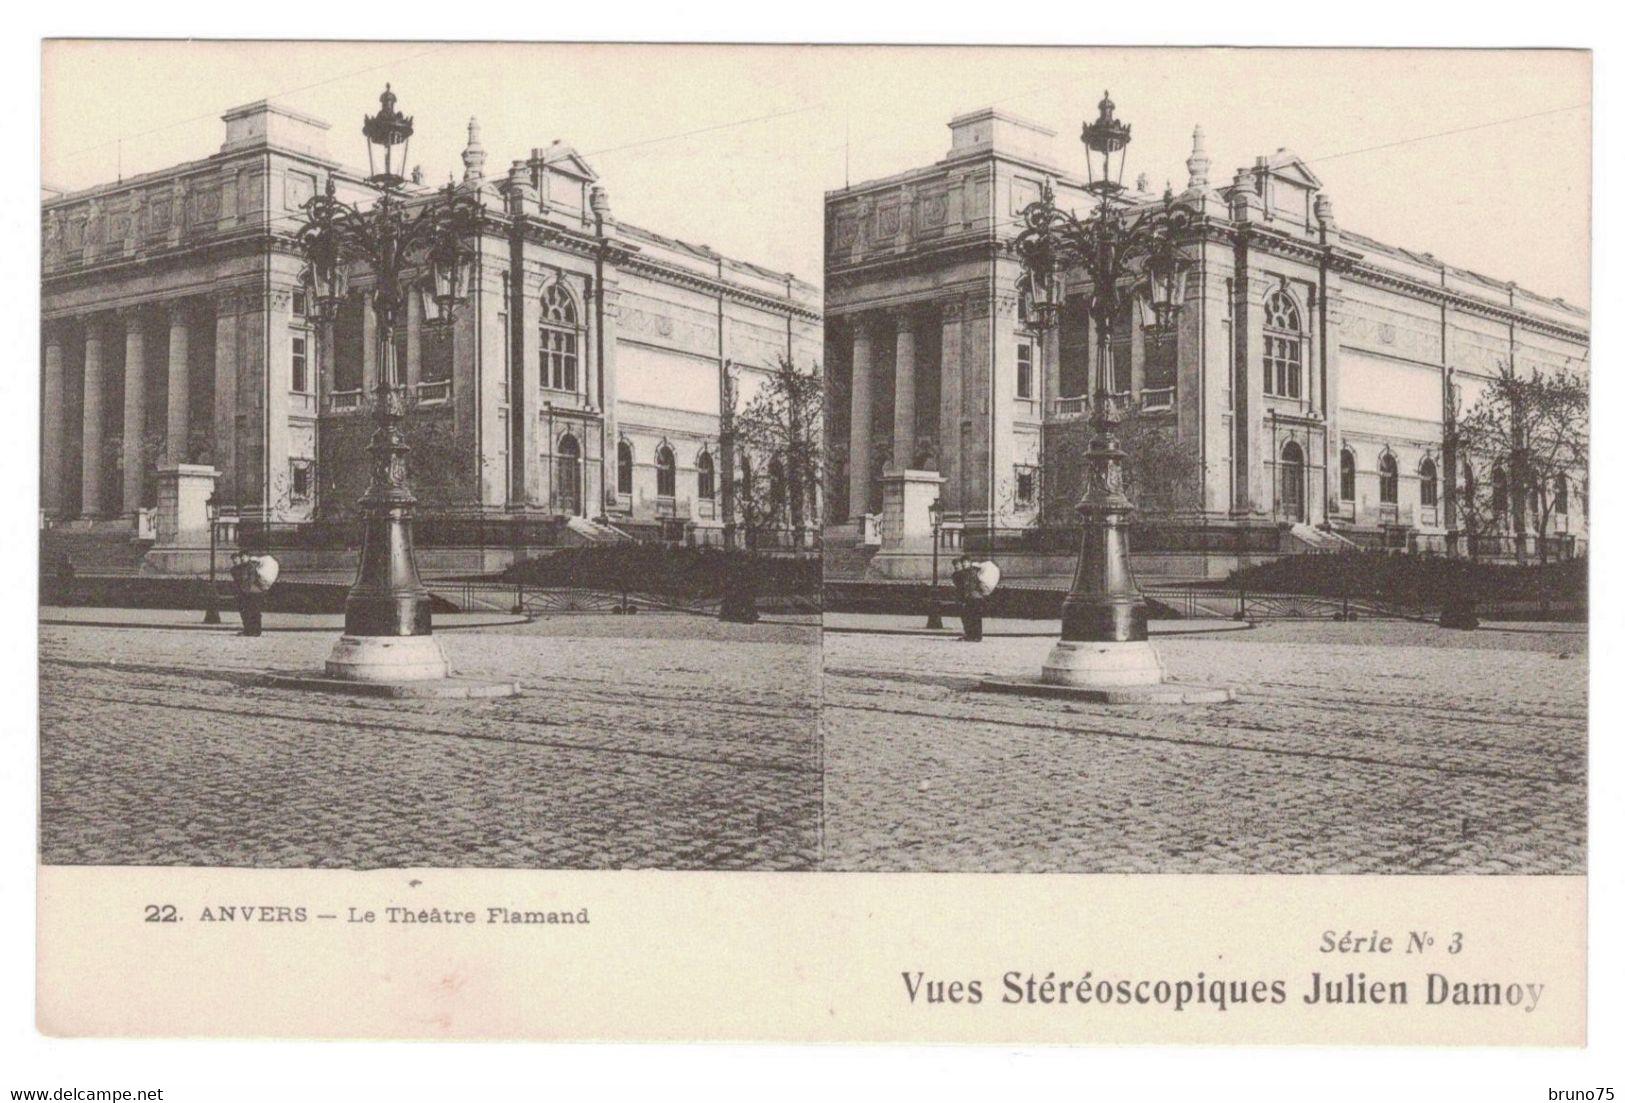 ANVERS - Le Théâtre Flamand - Vues Stéréoscopiques Julien Damoy - 22 - Série N° 3 - Cartoline Stereoscopiche